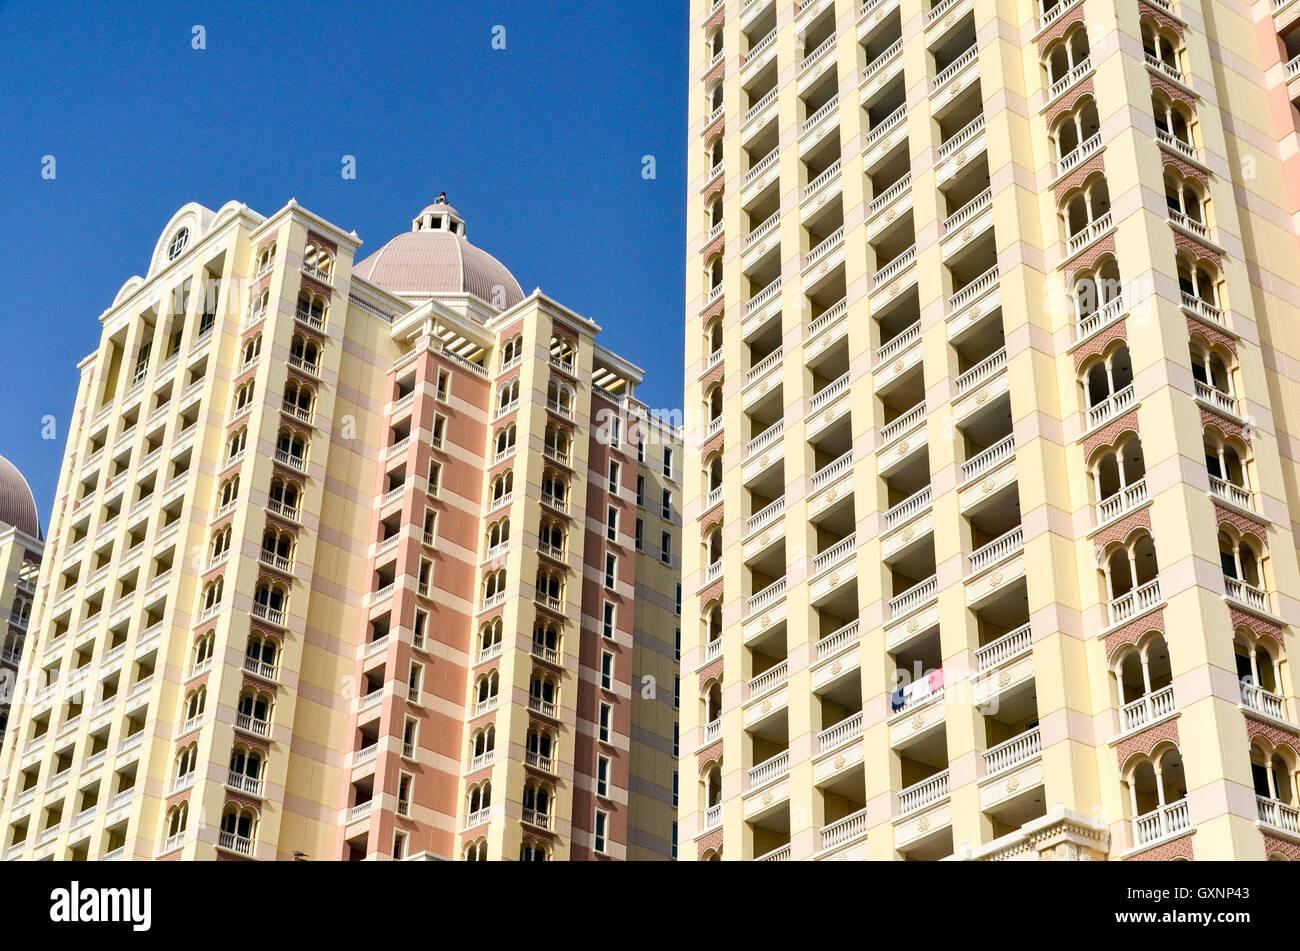 Viva Bahriya, la construction de nouvelles tours d'habitation sur l'île artificielle de l'Pearl Photo Stock